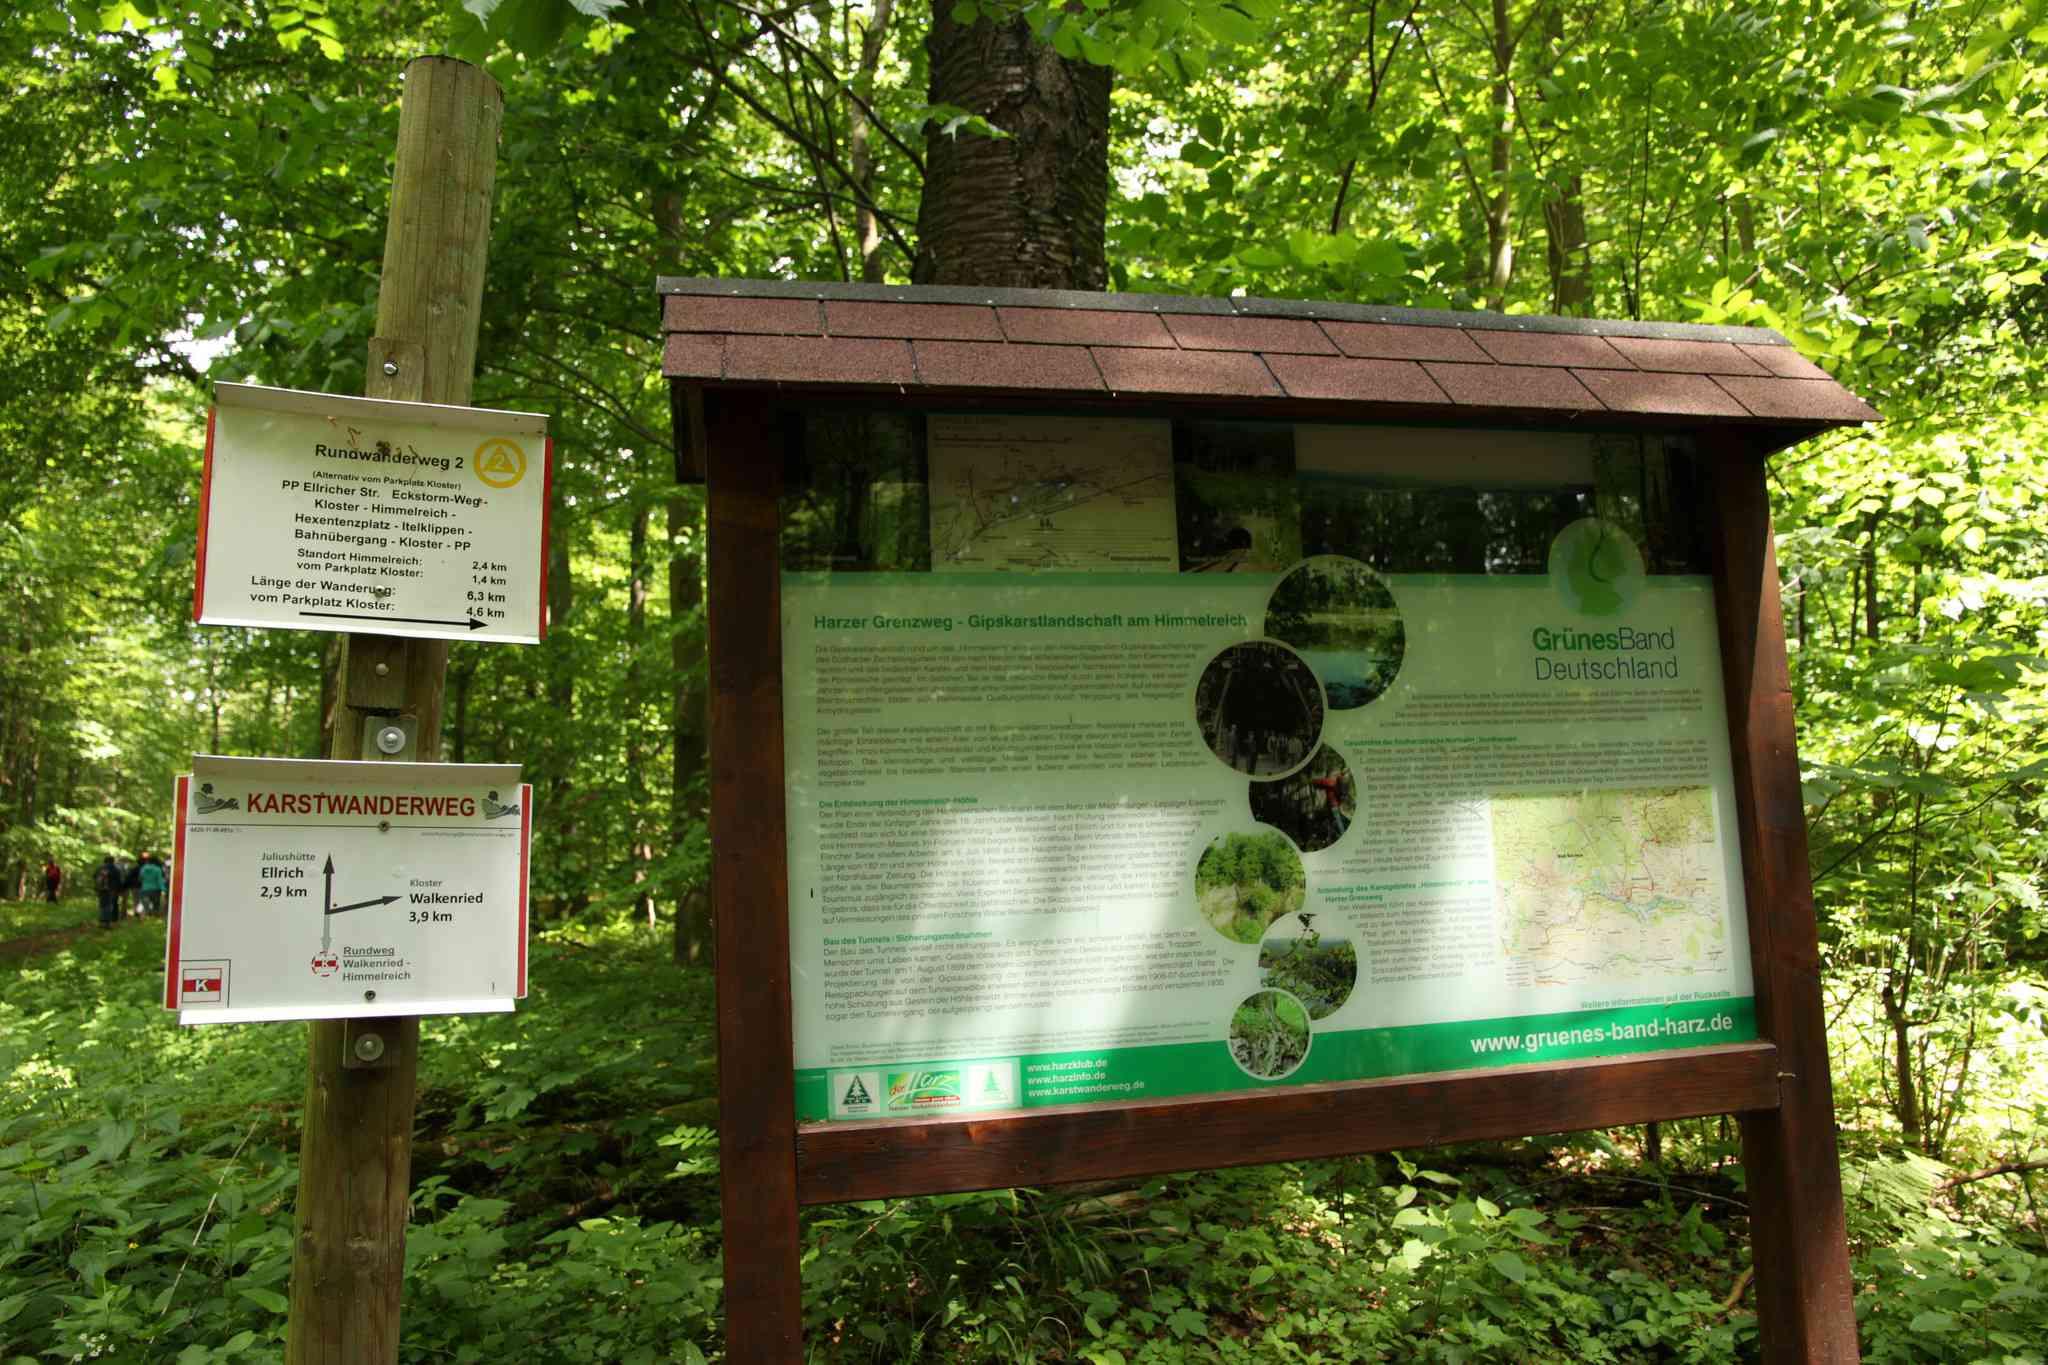 A sign along the Green Belt